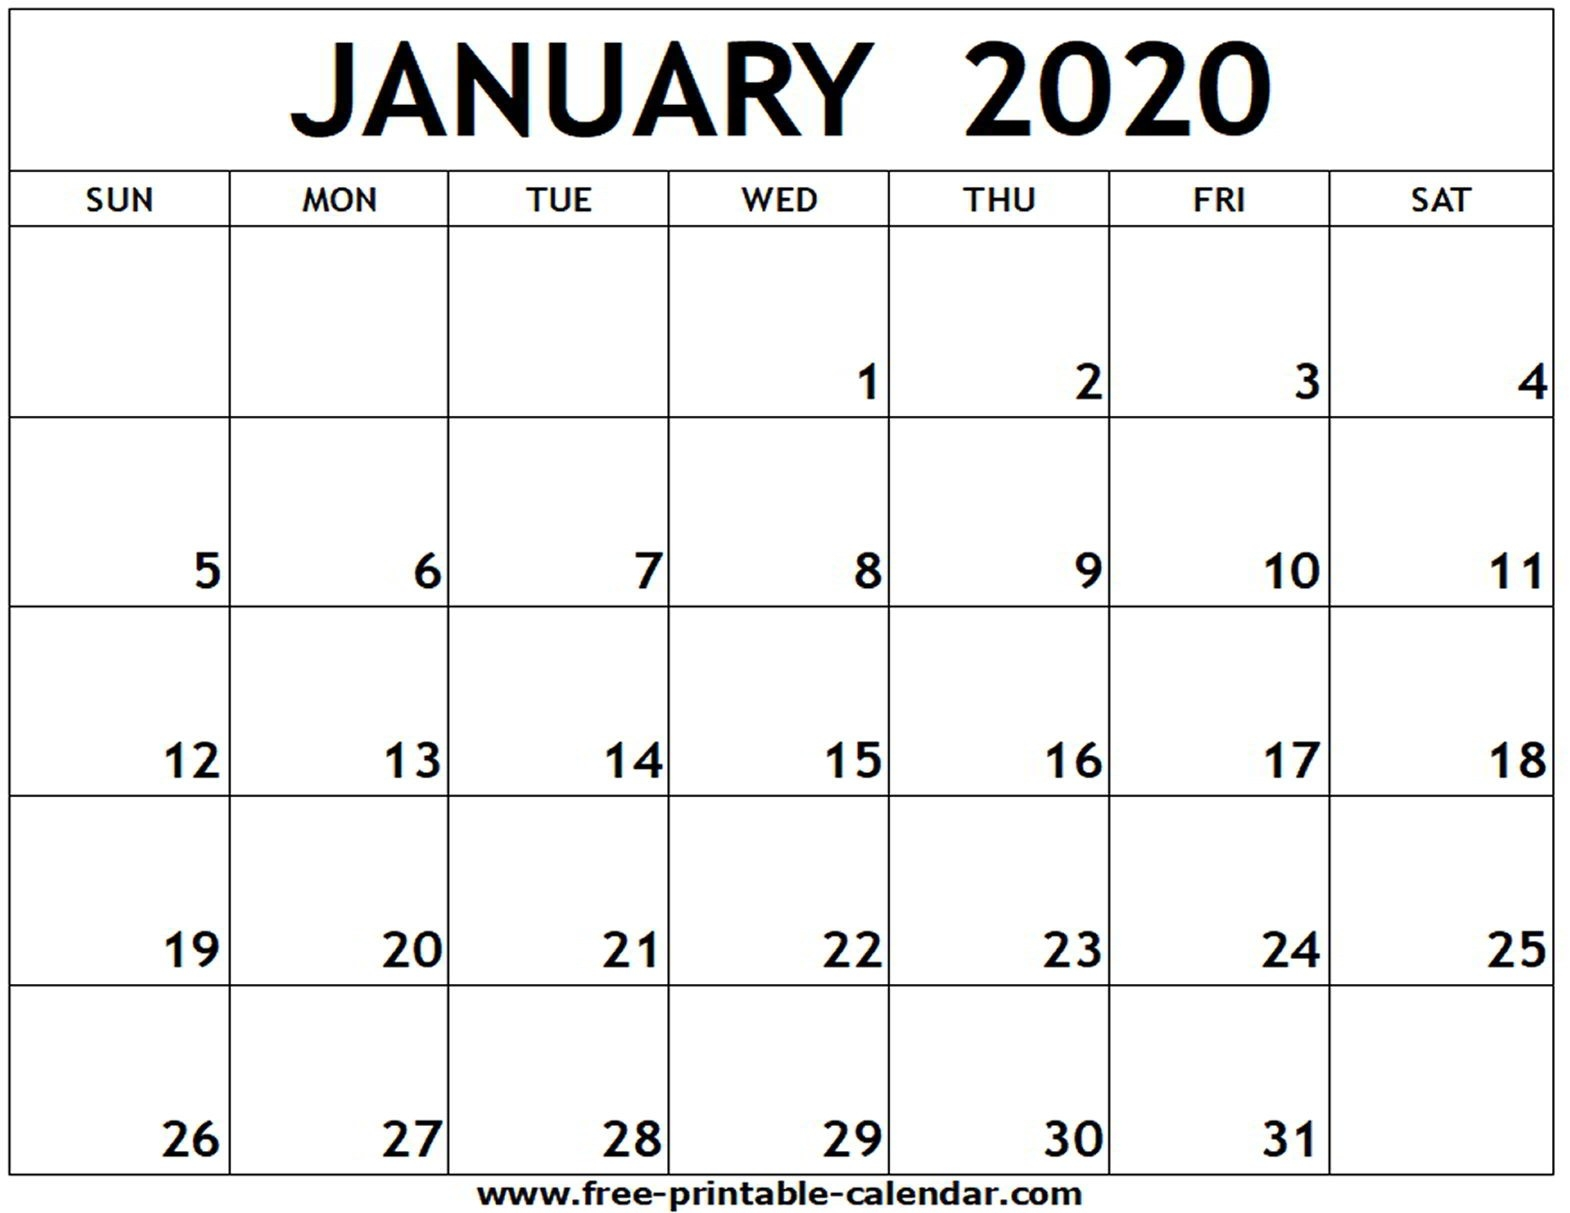 January 2020 Printable Calendar - Free-Printable-Calendar-January 2020 Calendar Free Printable